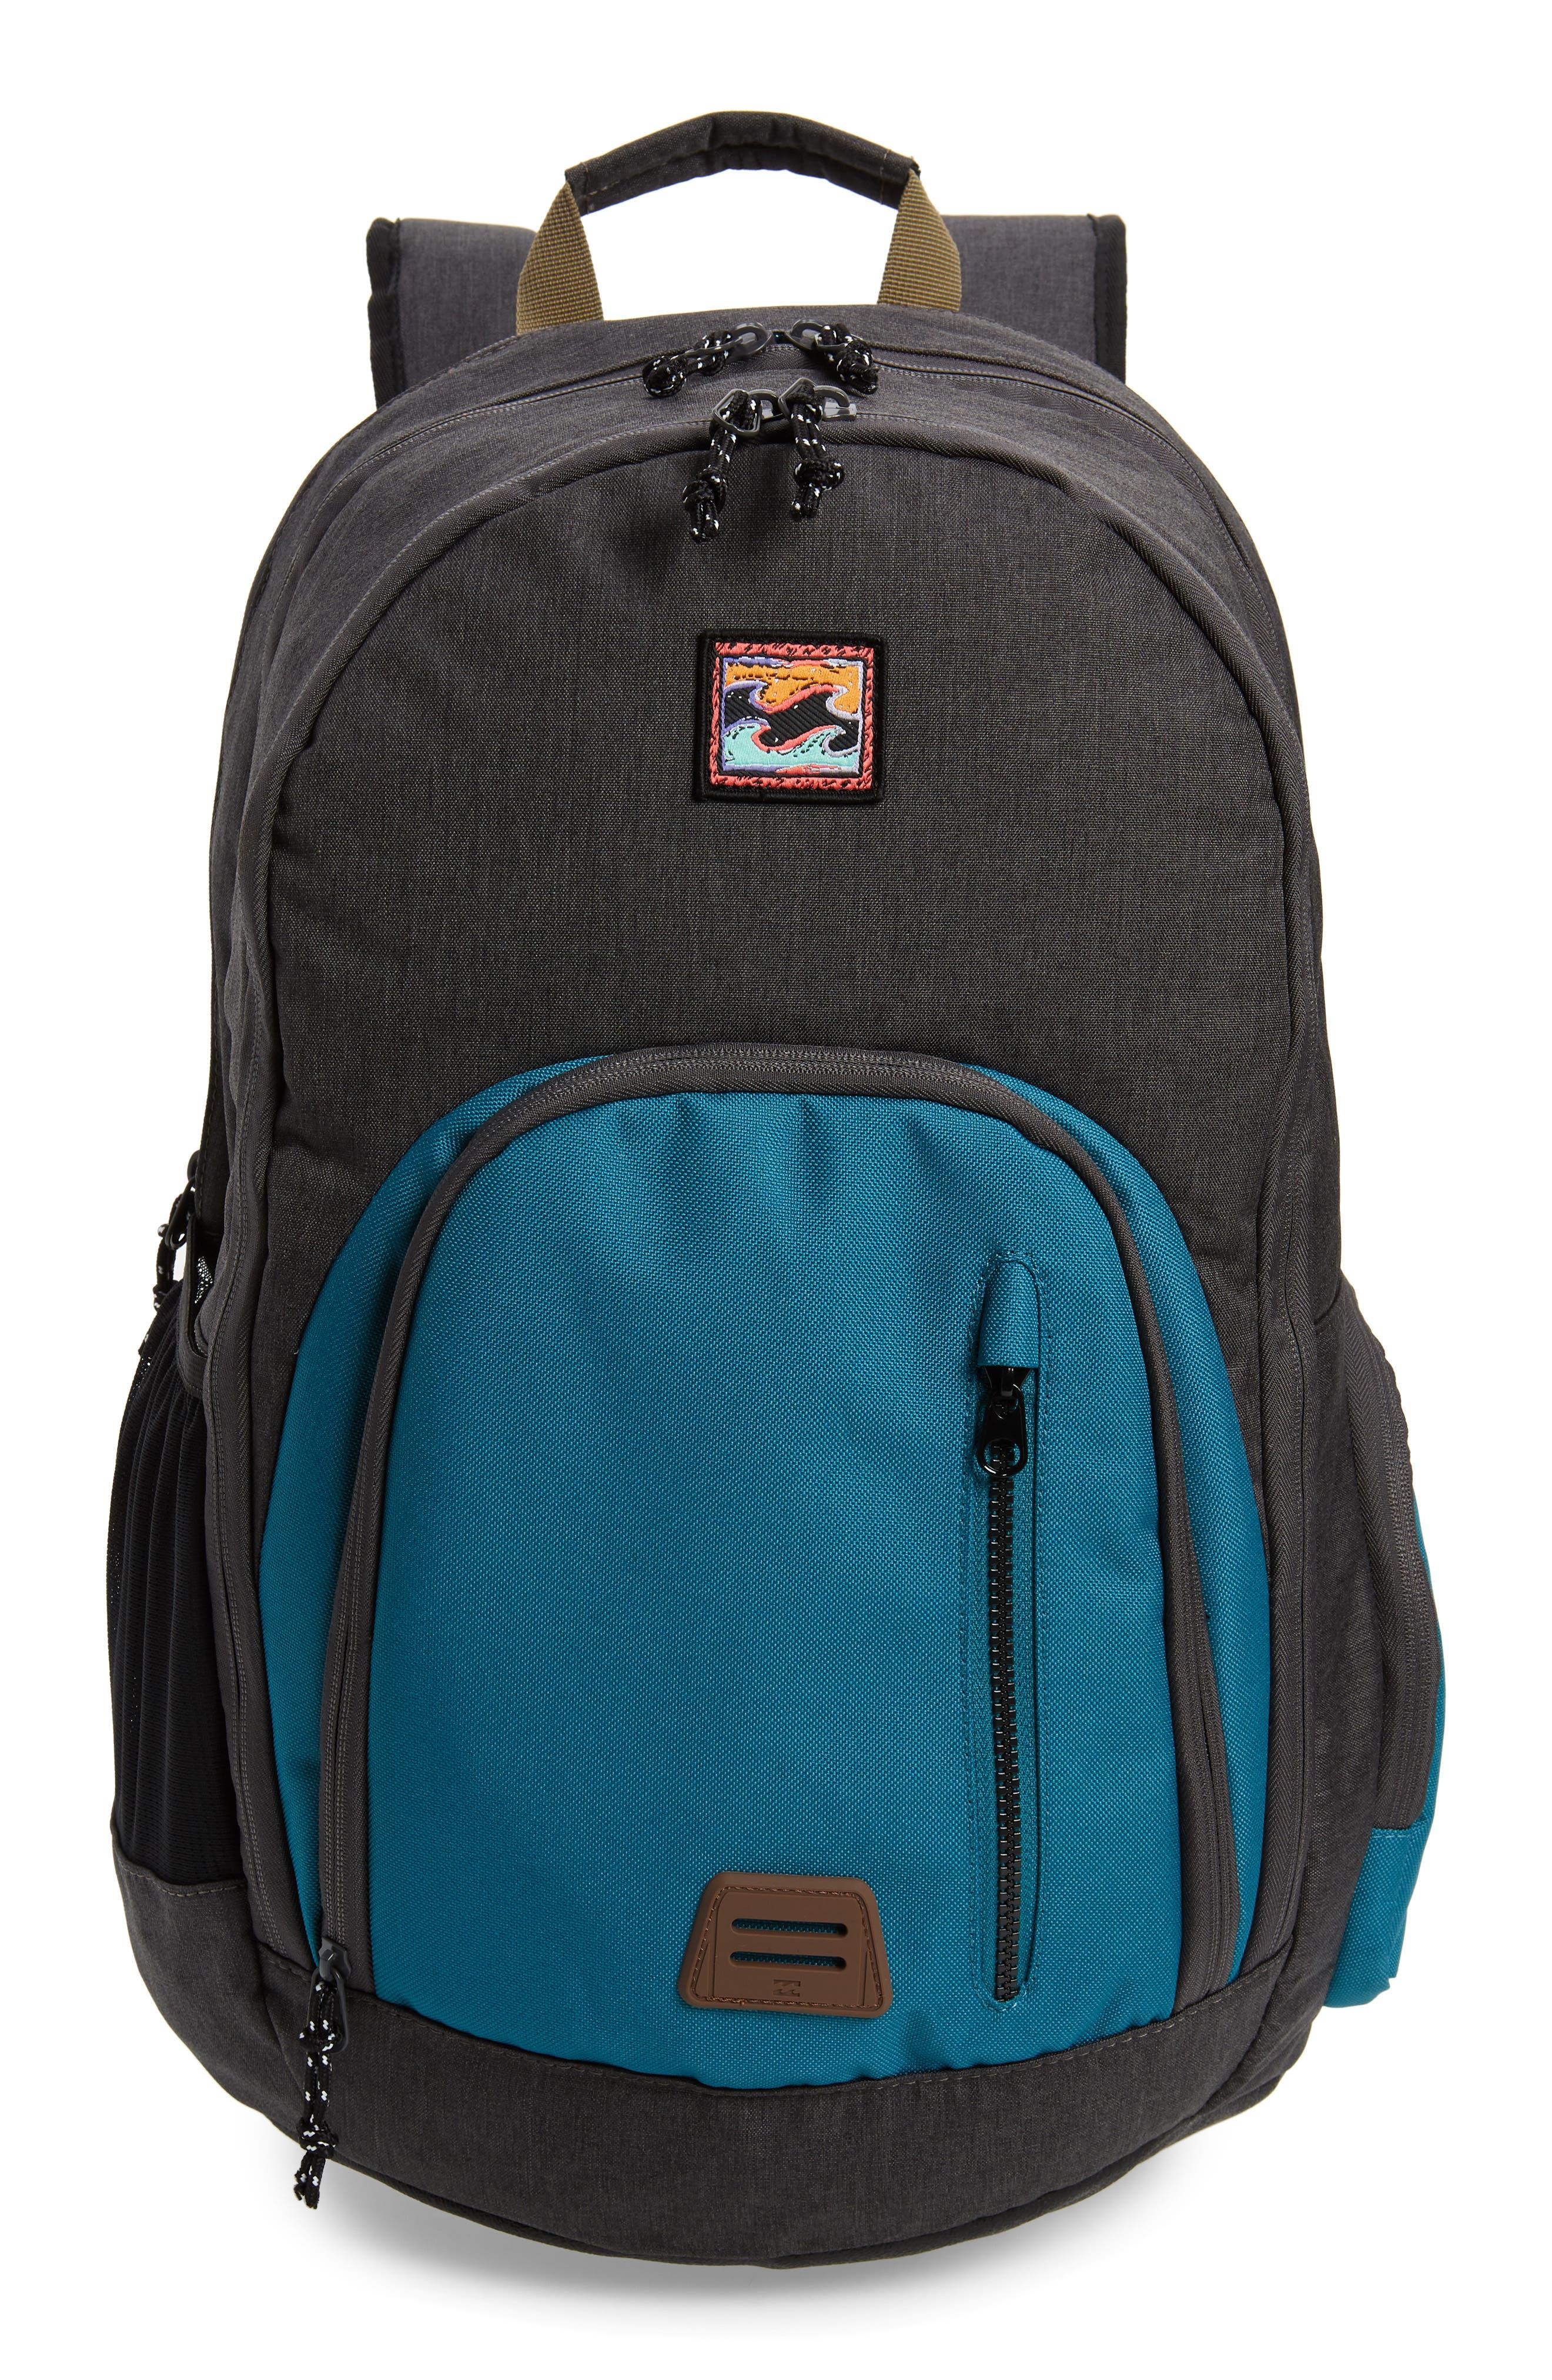 Billabong Command Backpack - Green